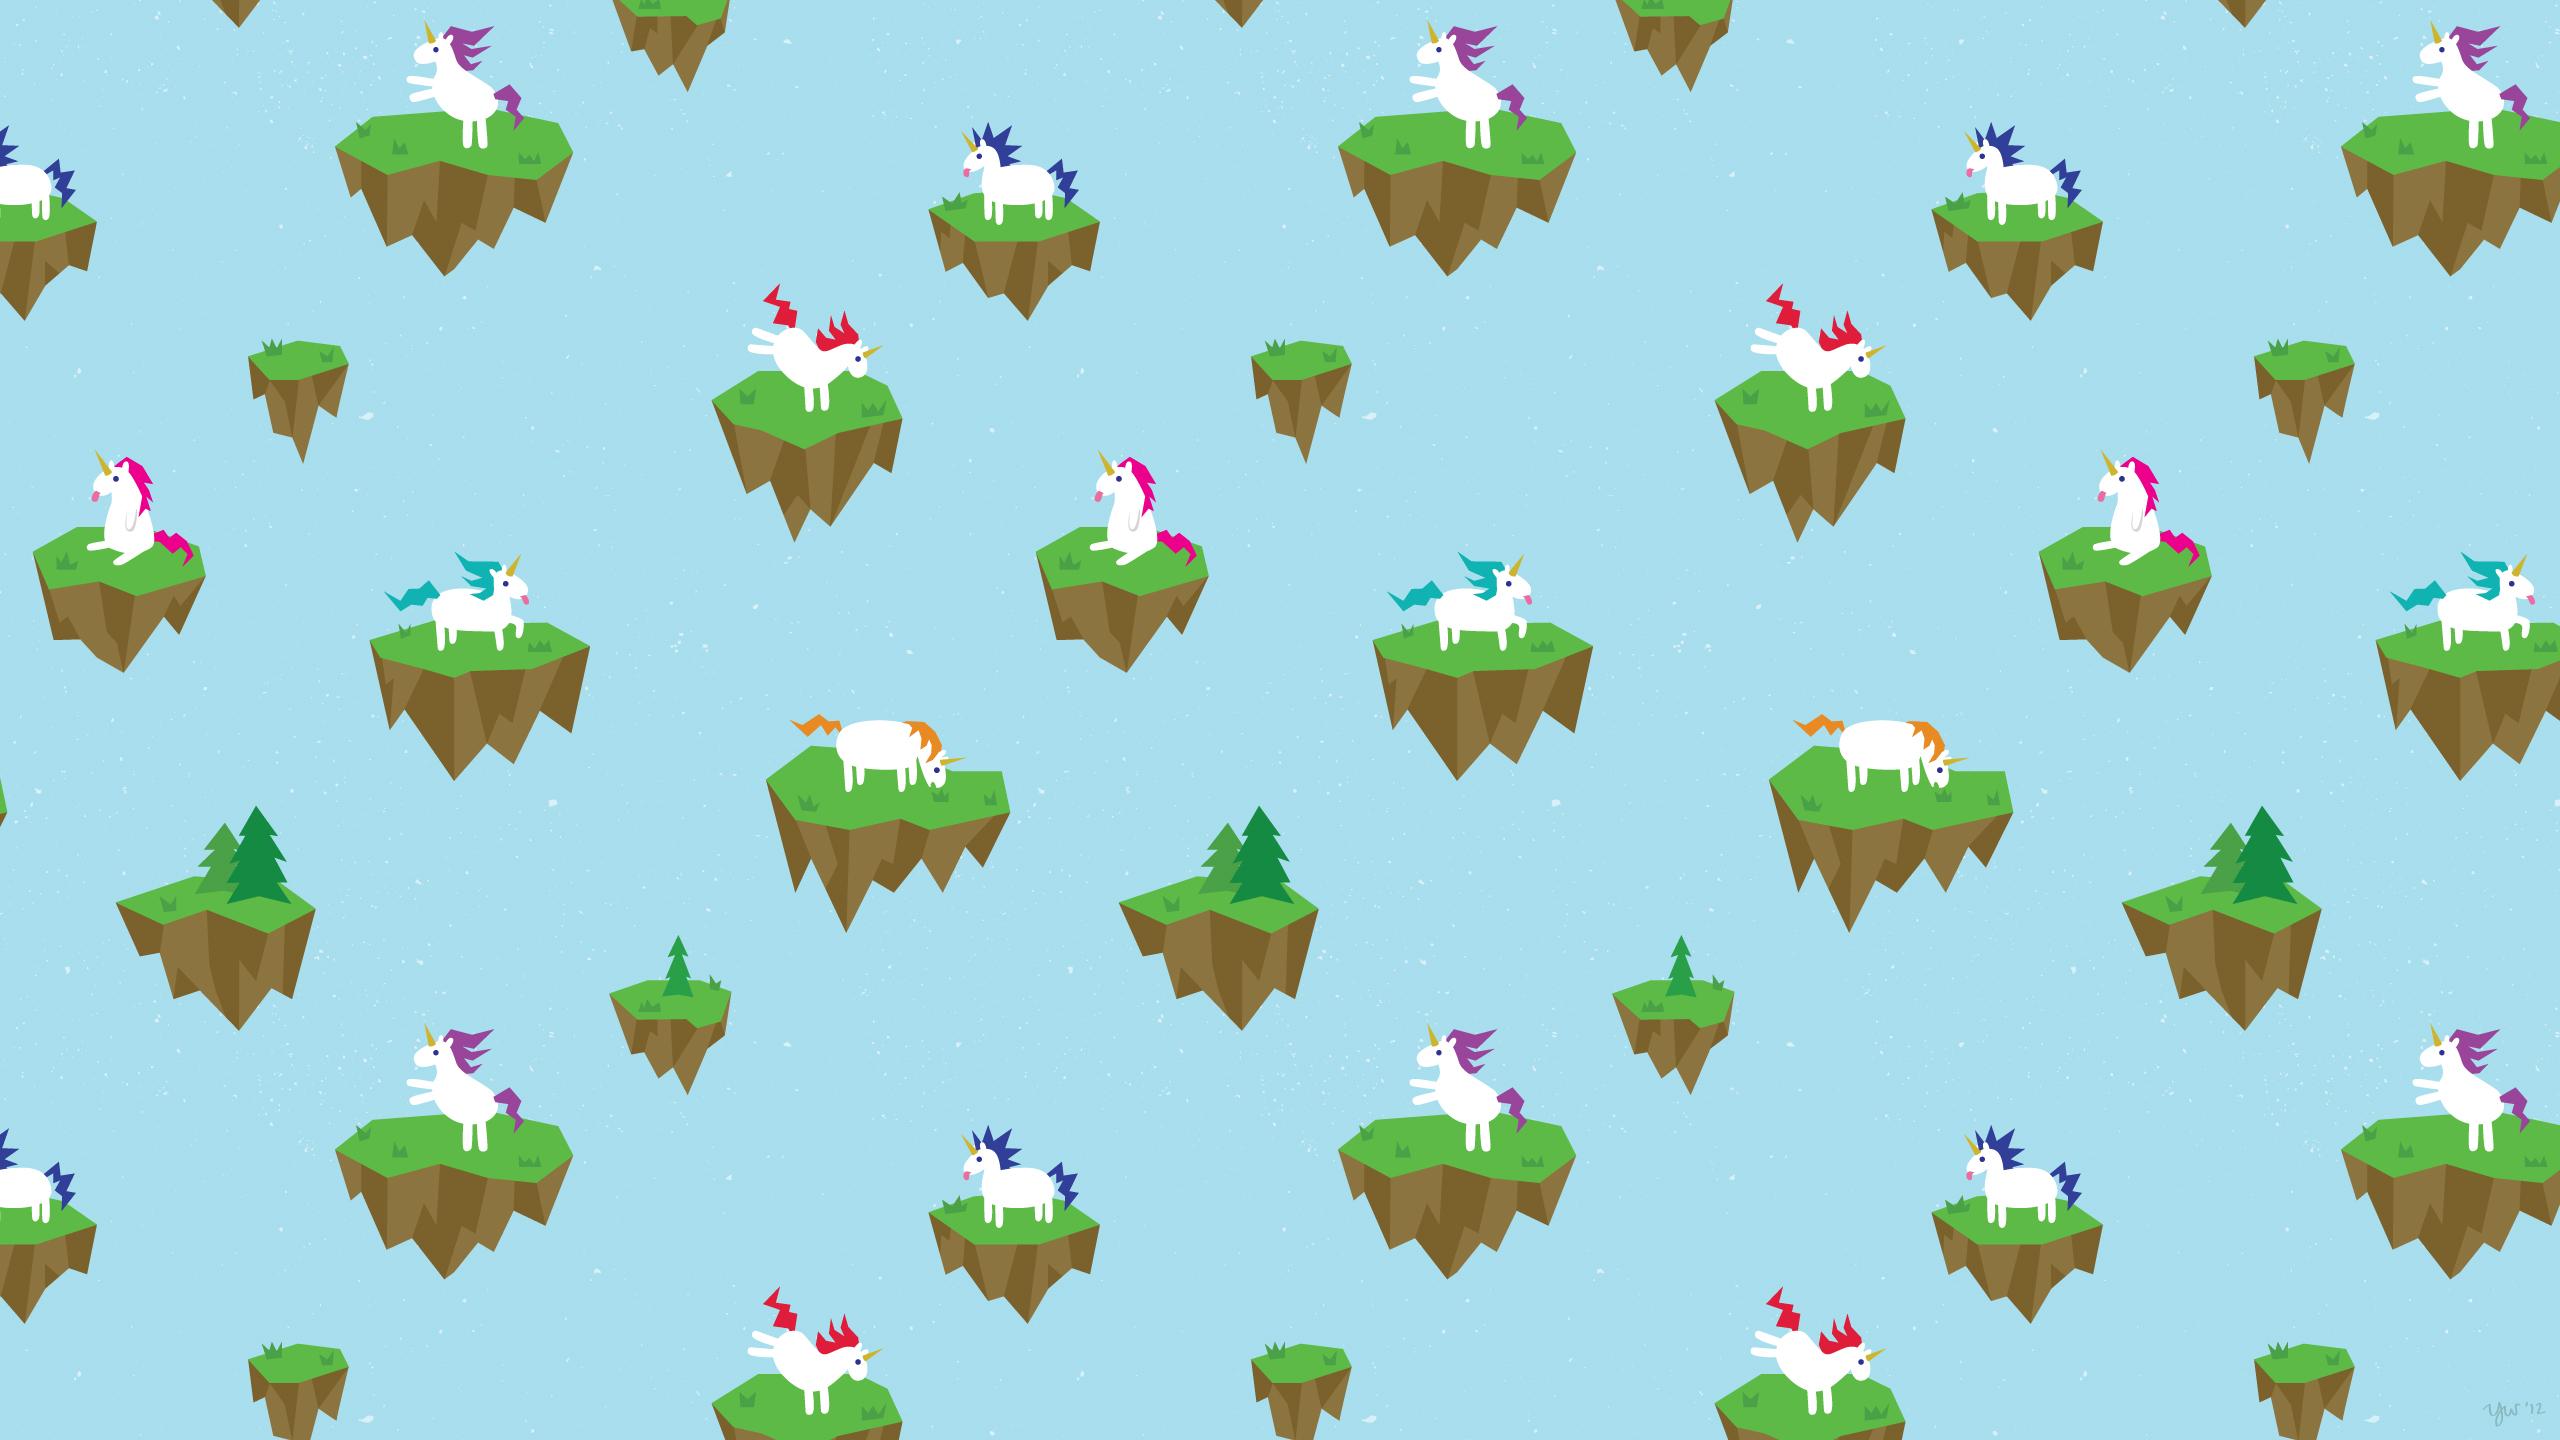 Yvonneweng Unicornislands Unicorns - 2560 X 1440 Unicorn , HD Wallpaper & Backgrounds